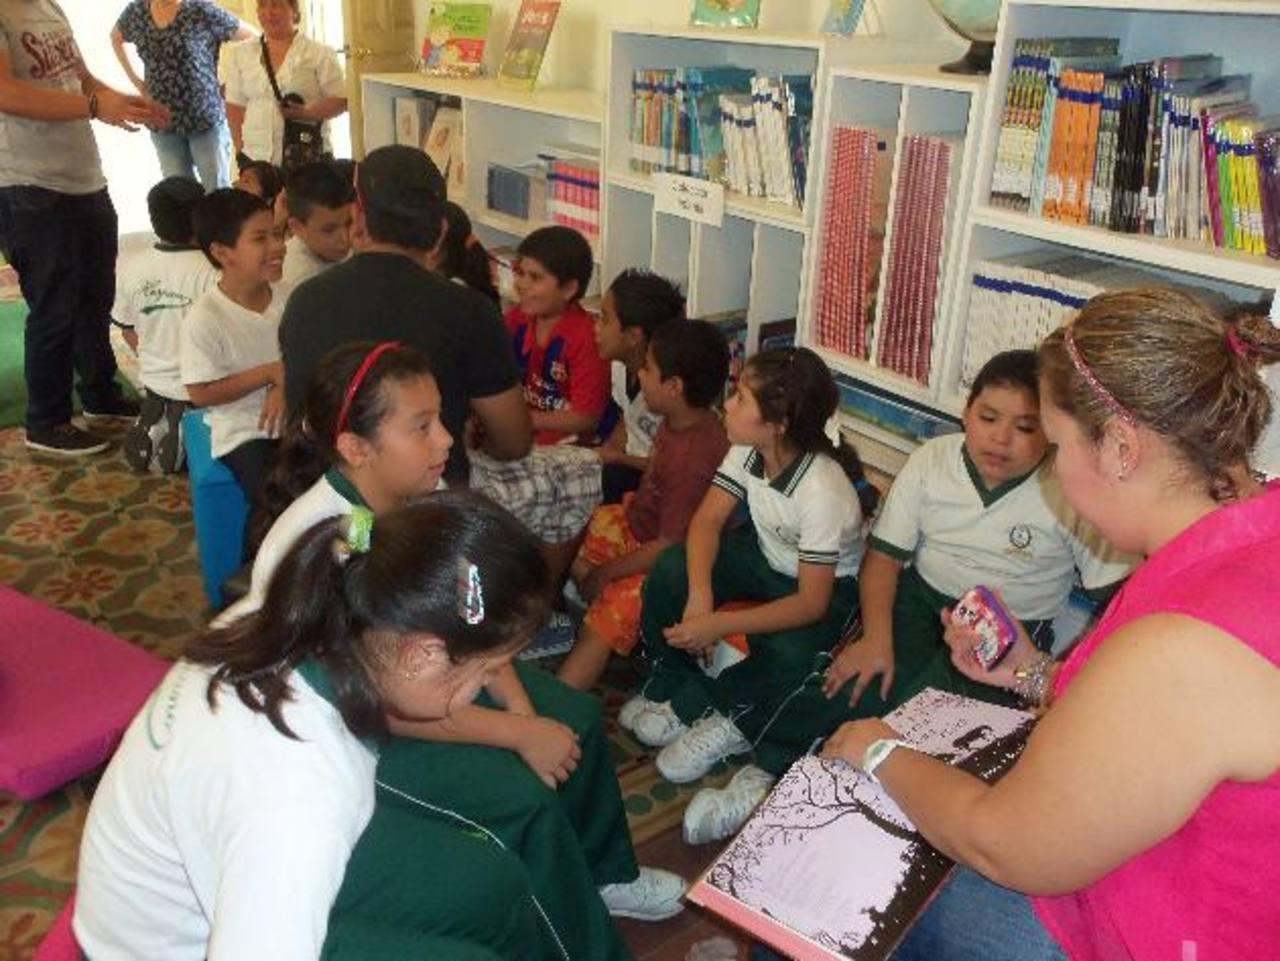 Los voluntarios promueven en los infantes el uso del espacio didáctico. Foto EDH / archivo